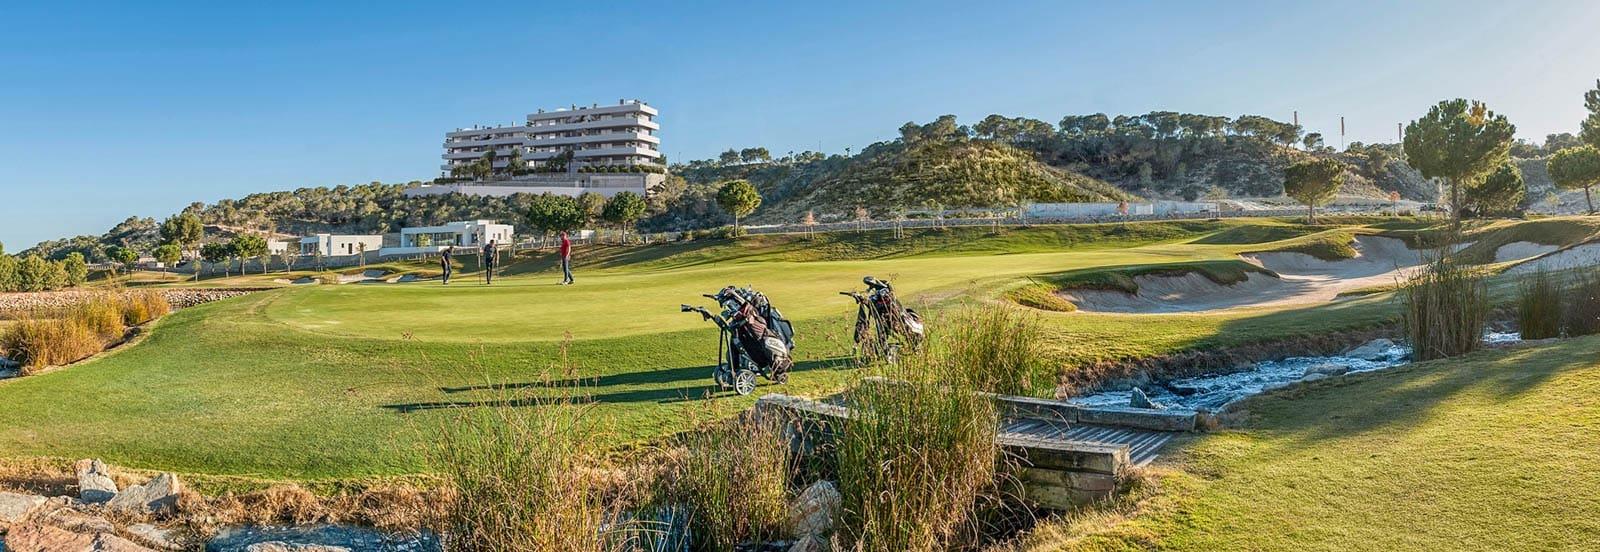 Apartamento de 3 habitaciones en Las Colinas Golf en venta con piscina garaje - 565.000 € (Ref: 4967997)